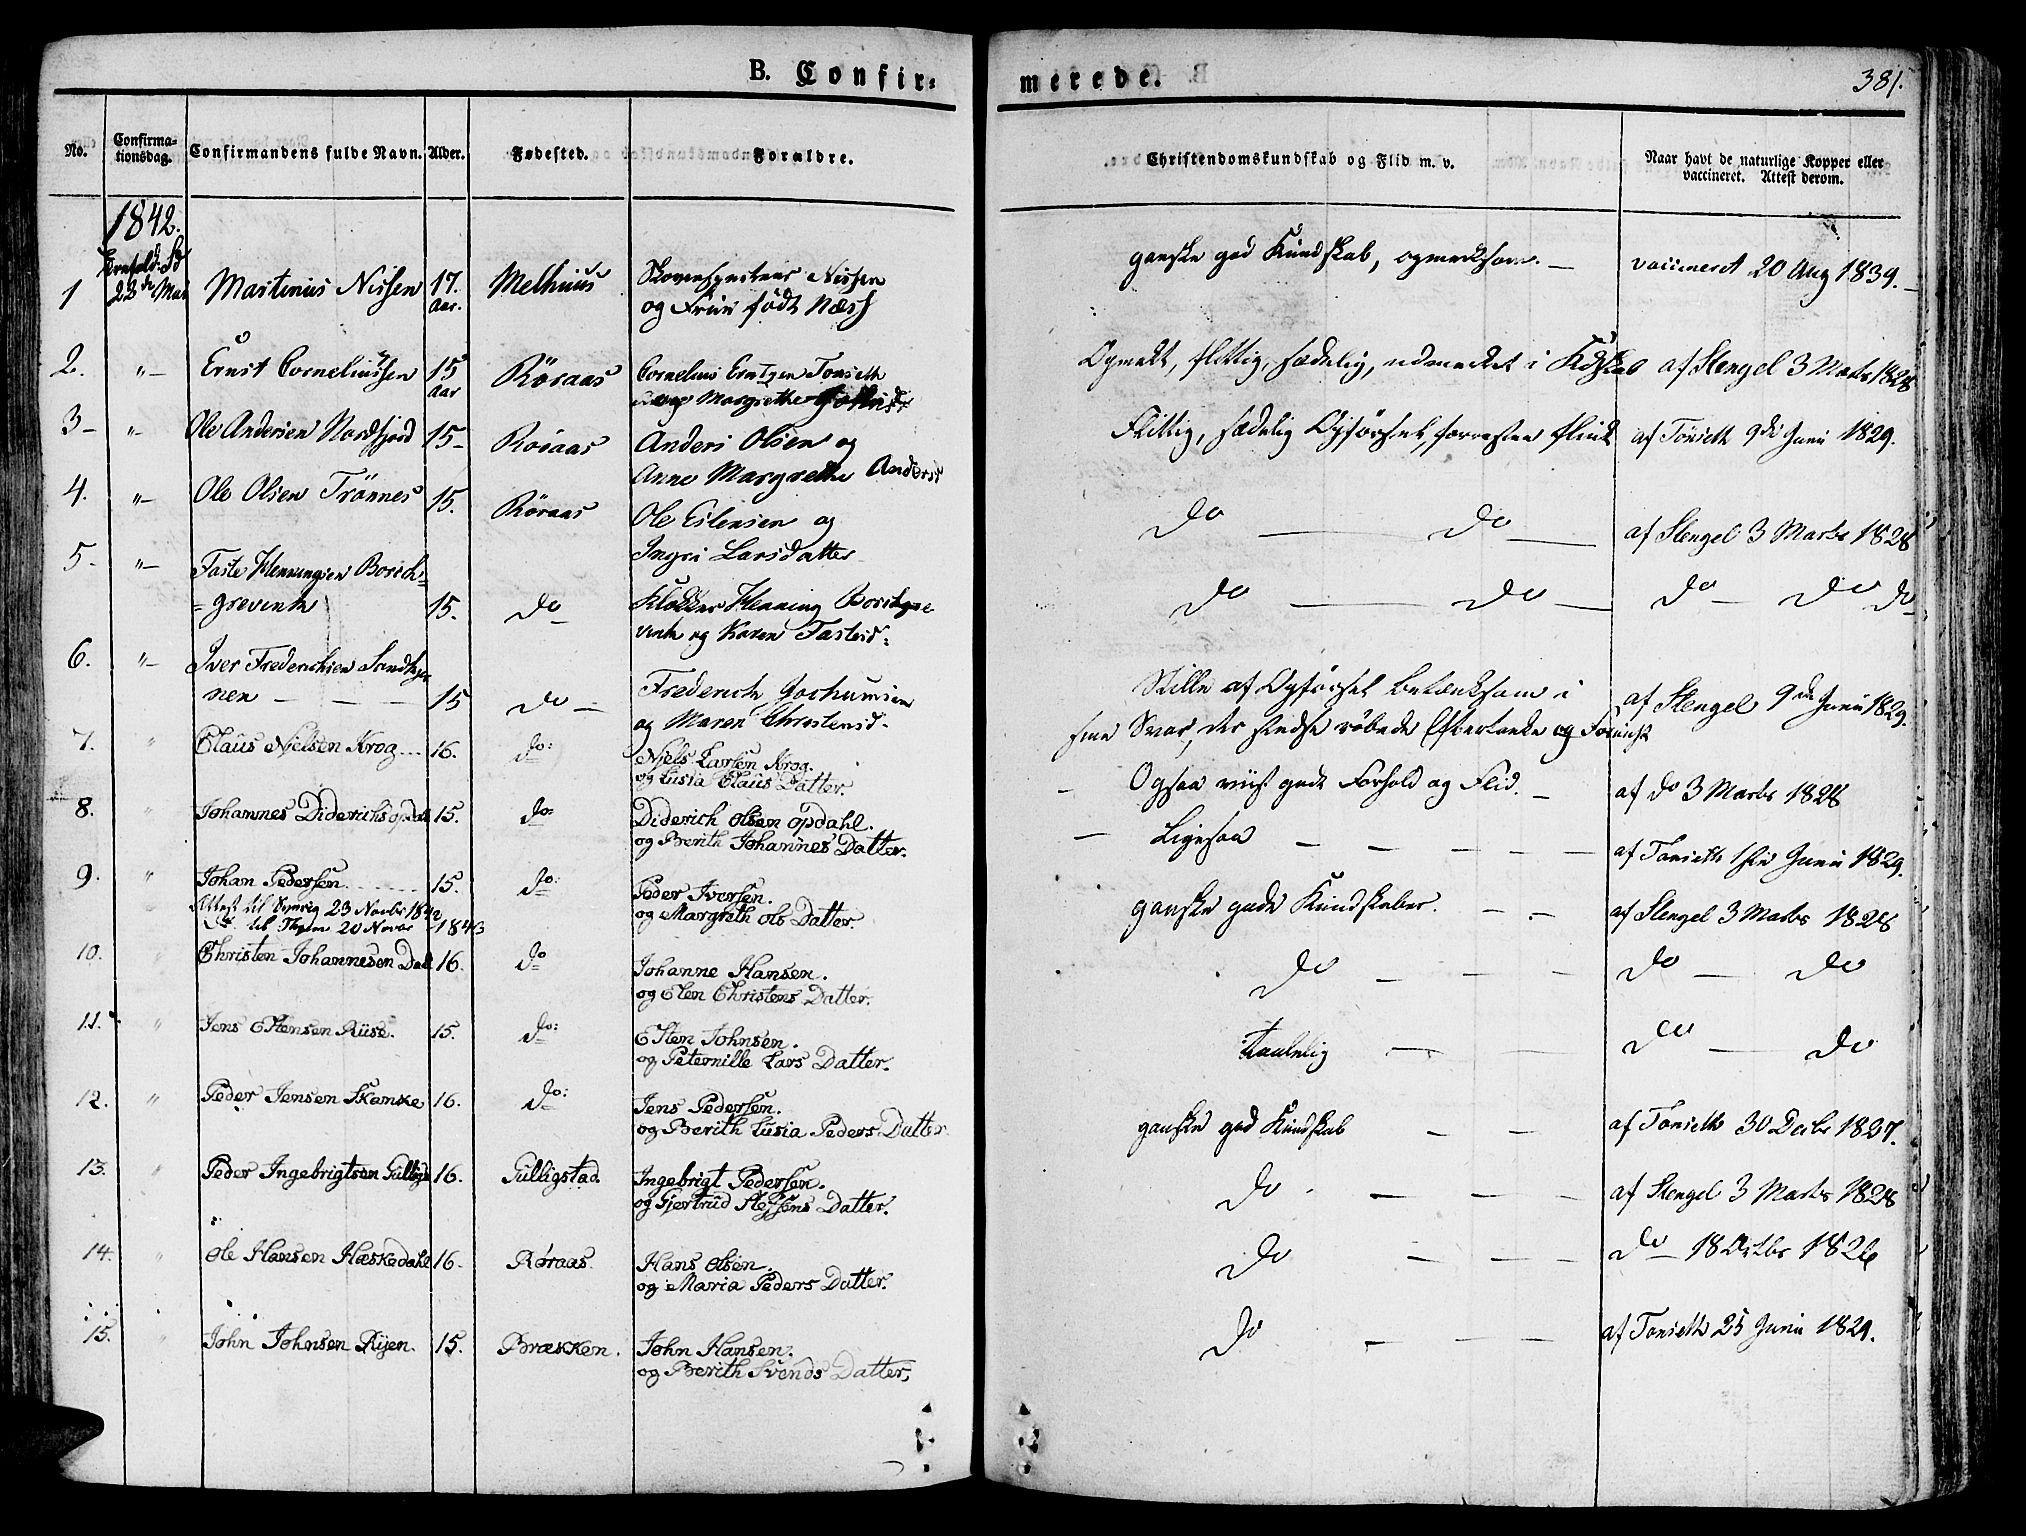 SAT, Ministerialprotokoller, klokkerbøker og fødselsregistre - Sør-Trøndelag, 681/L0930: Ministerialbok nr. 681A08, 1829-1844, s. 381